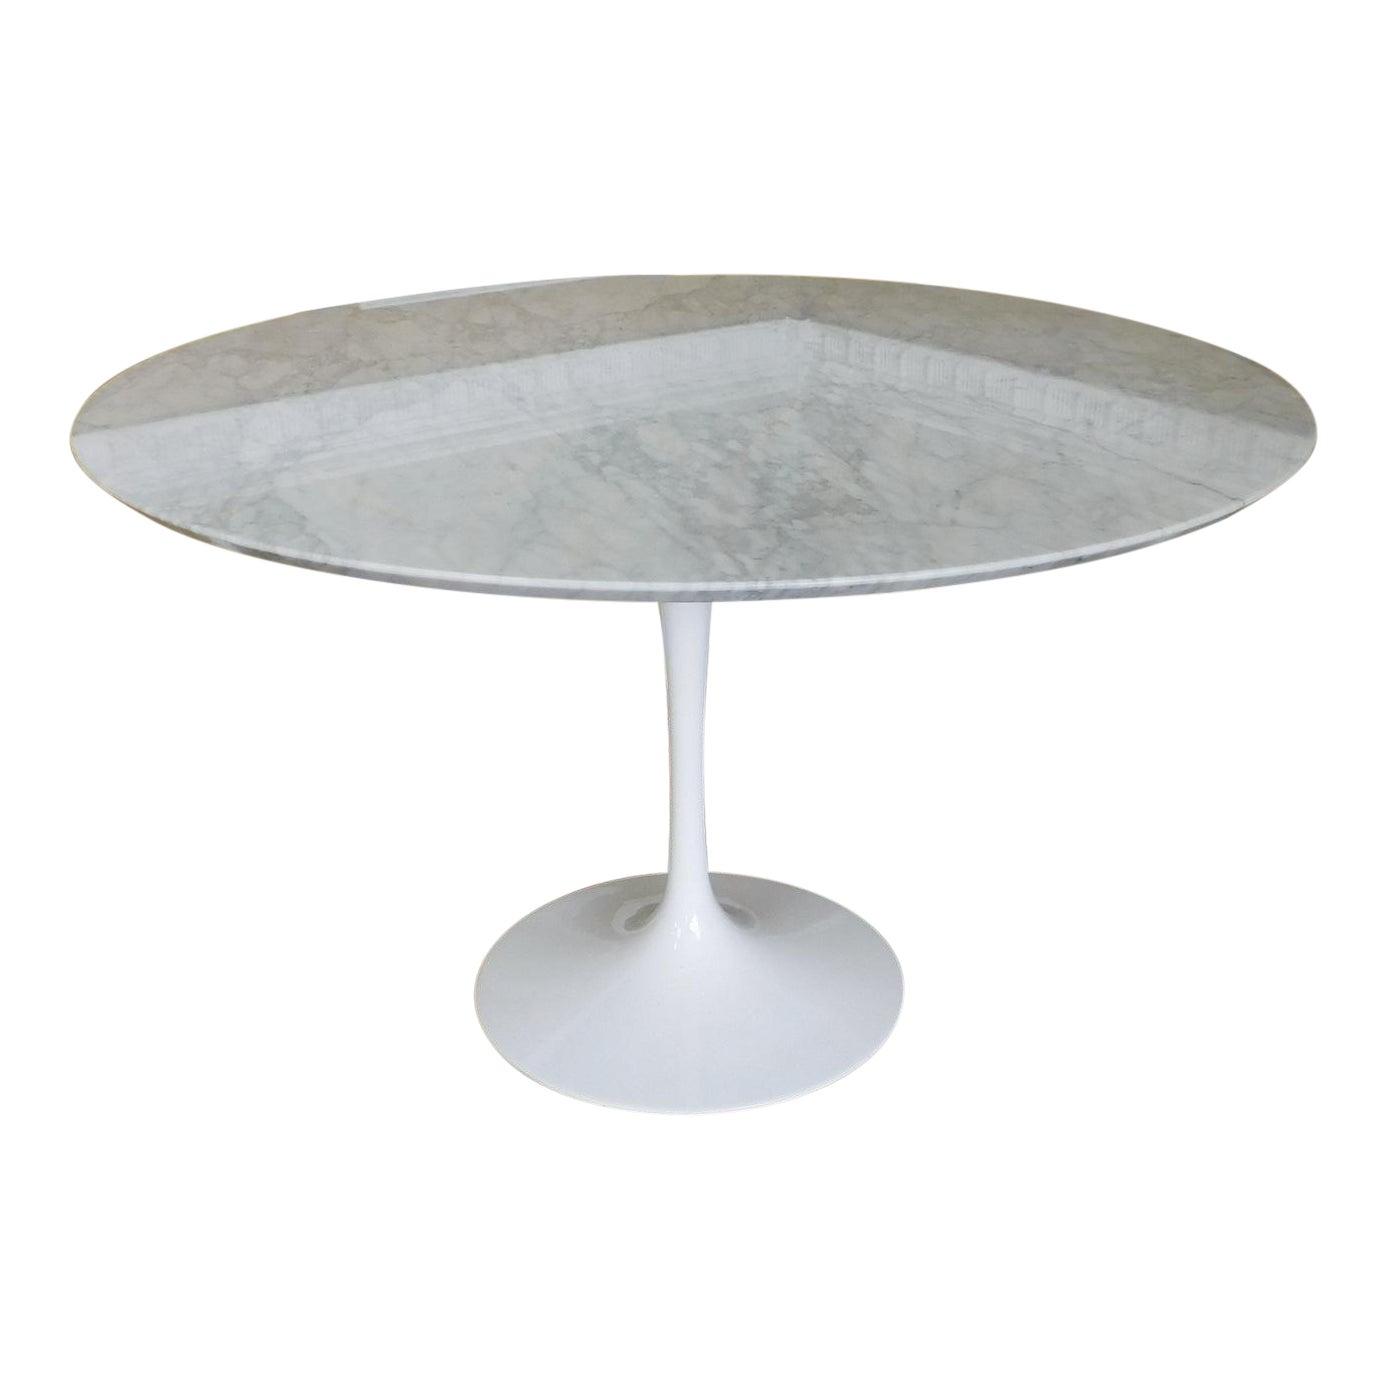 Room & Board Eero Saarinen Collection Carrara Marble Top 48